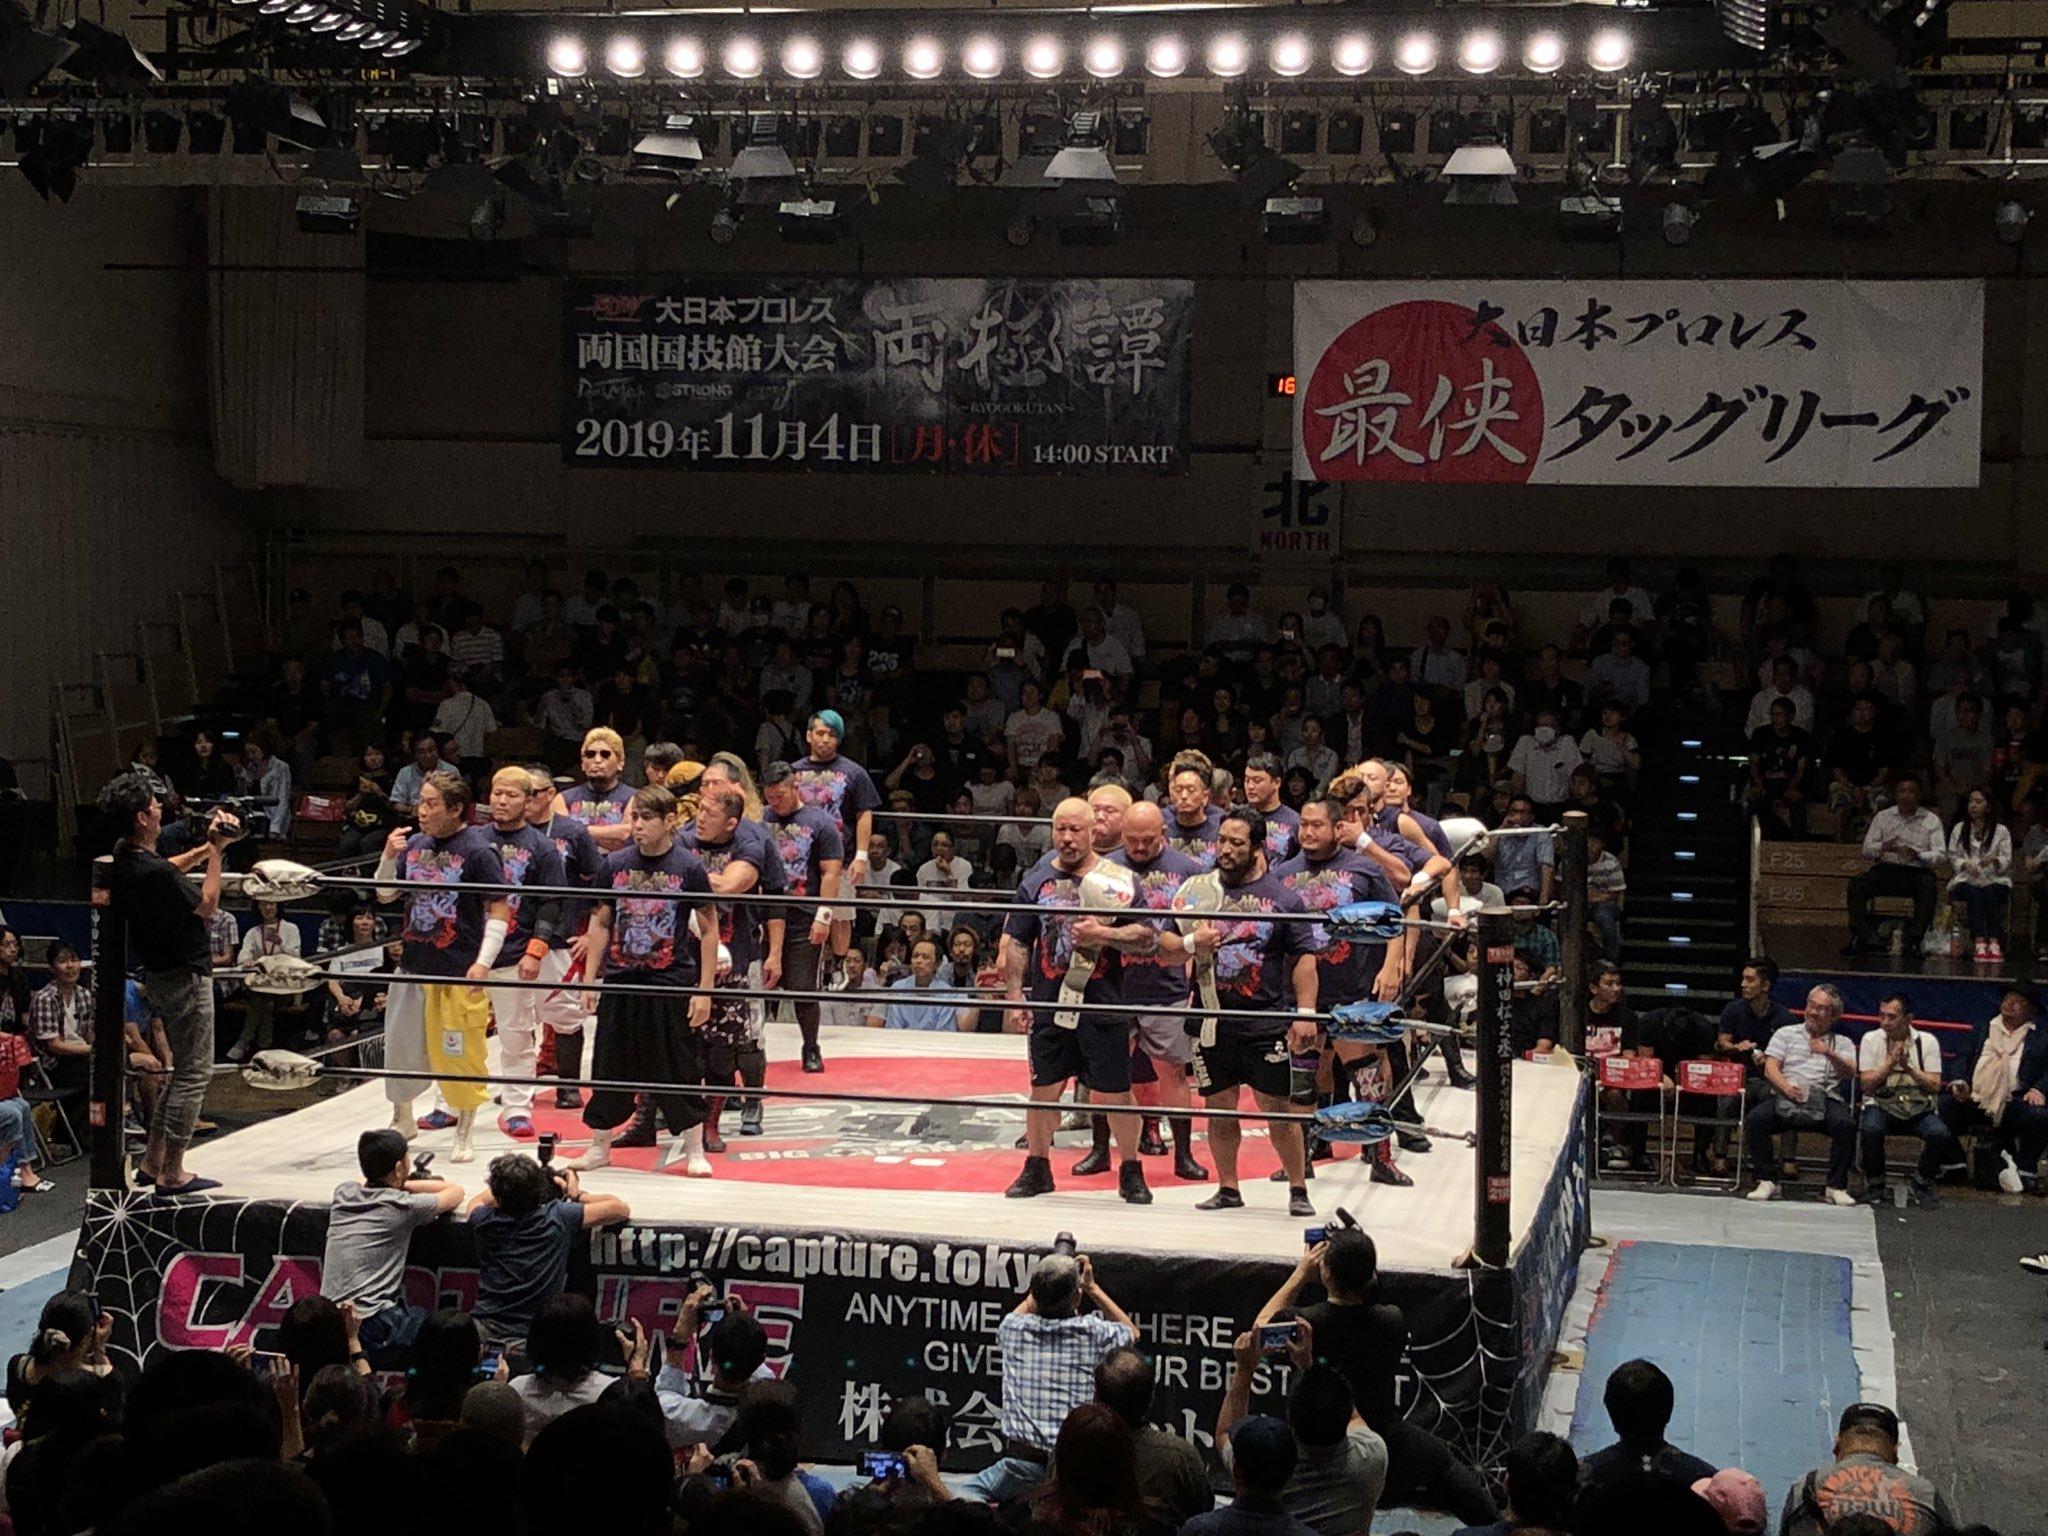 BJW: Sigue en curso el torneo Saikyou Tag League 2019 8